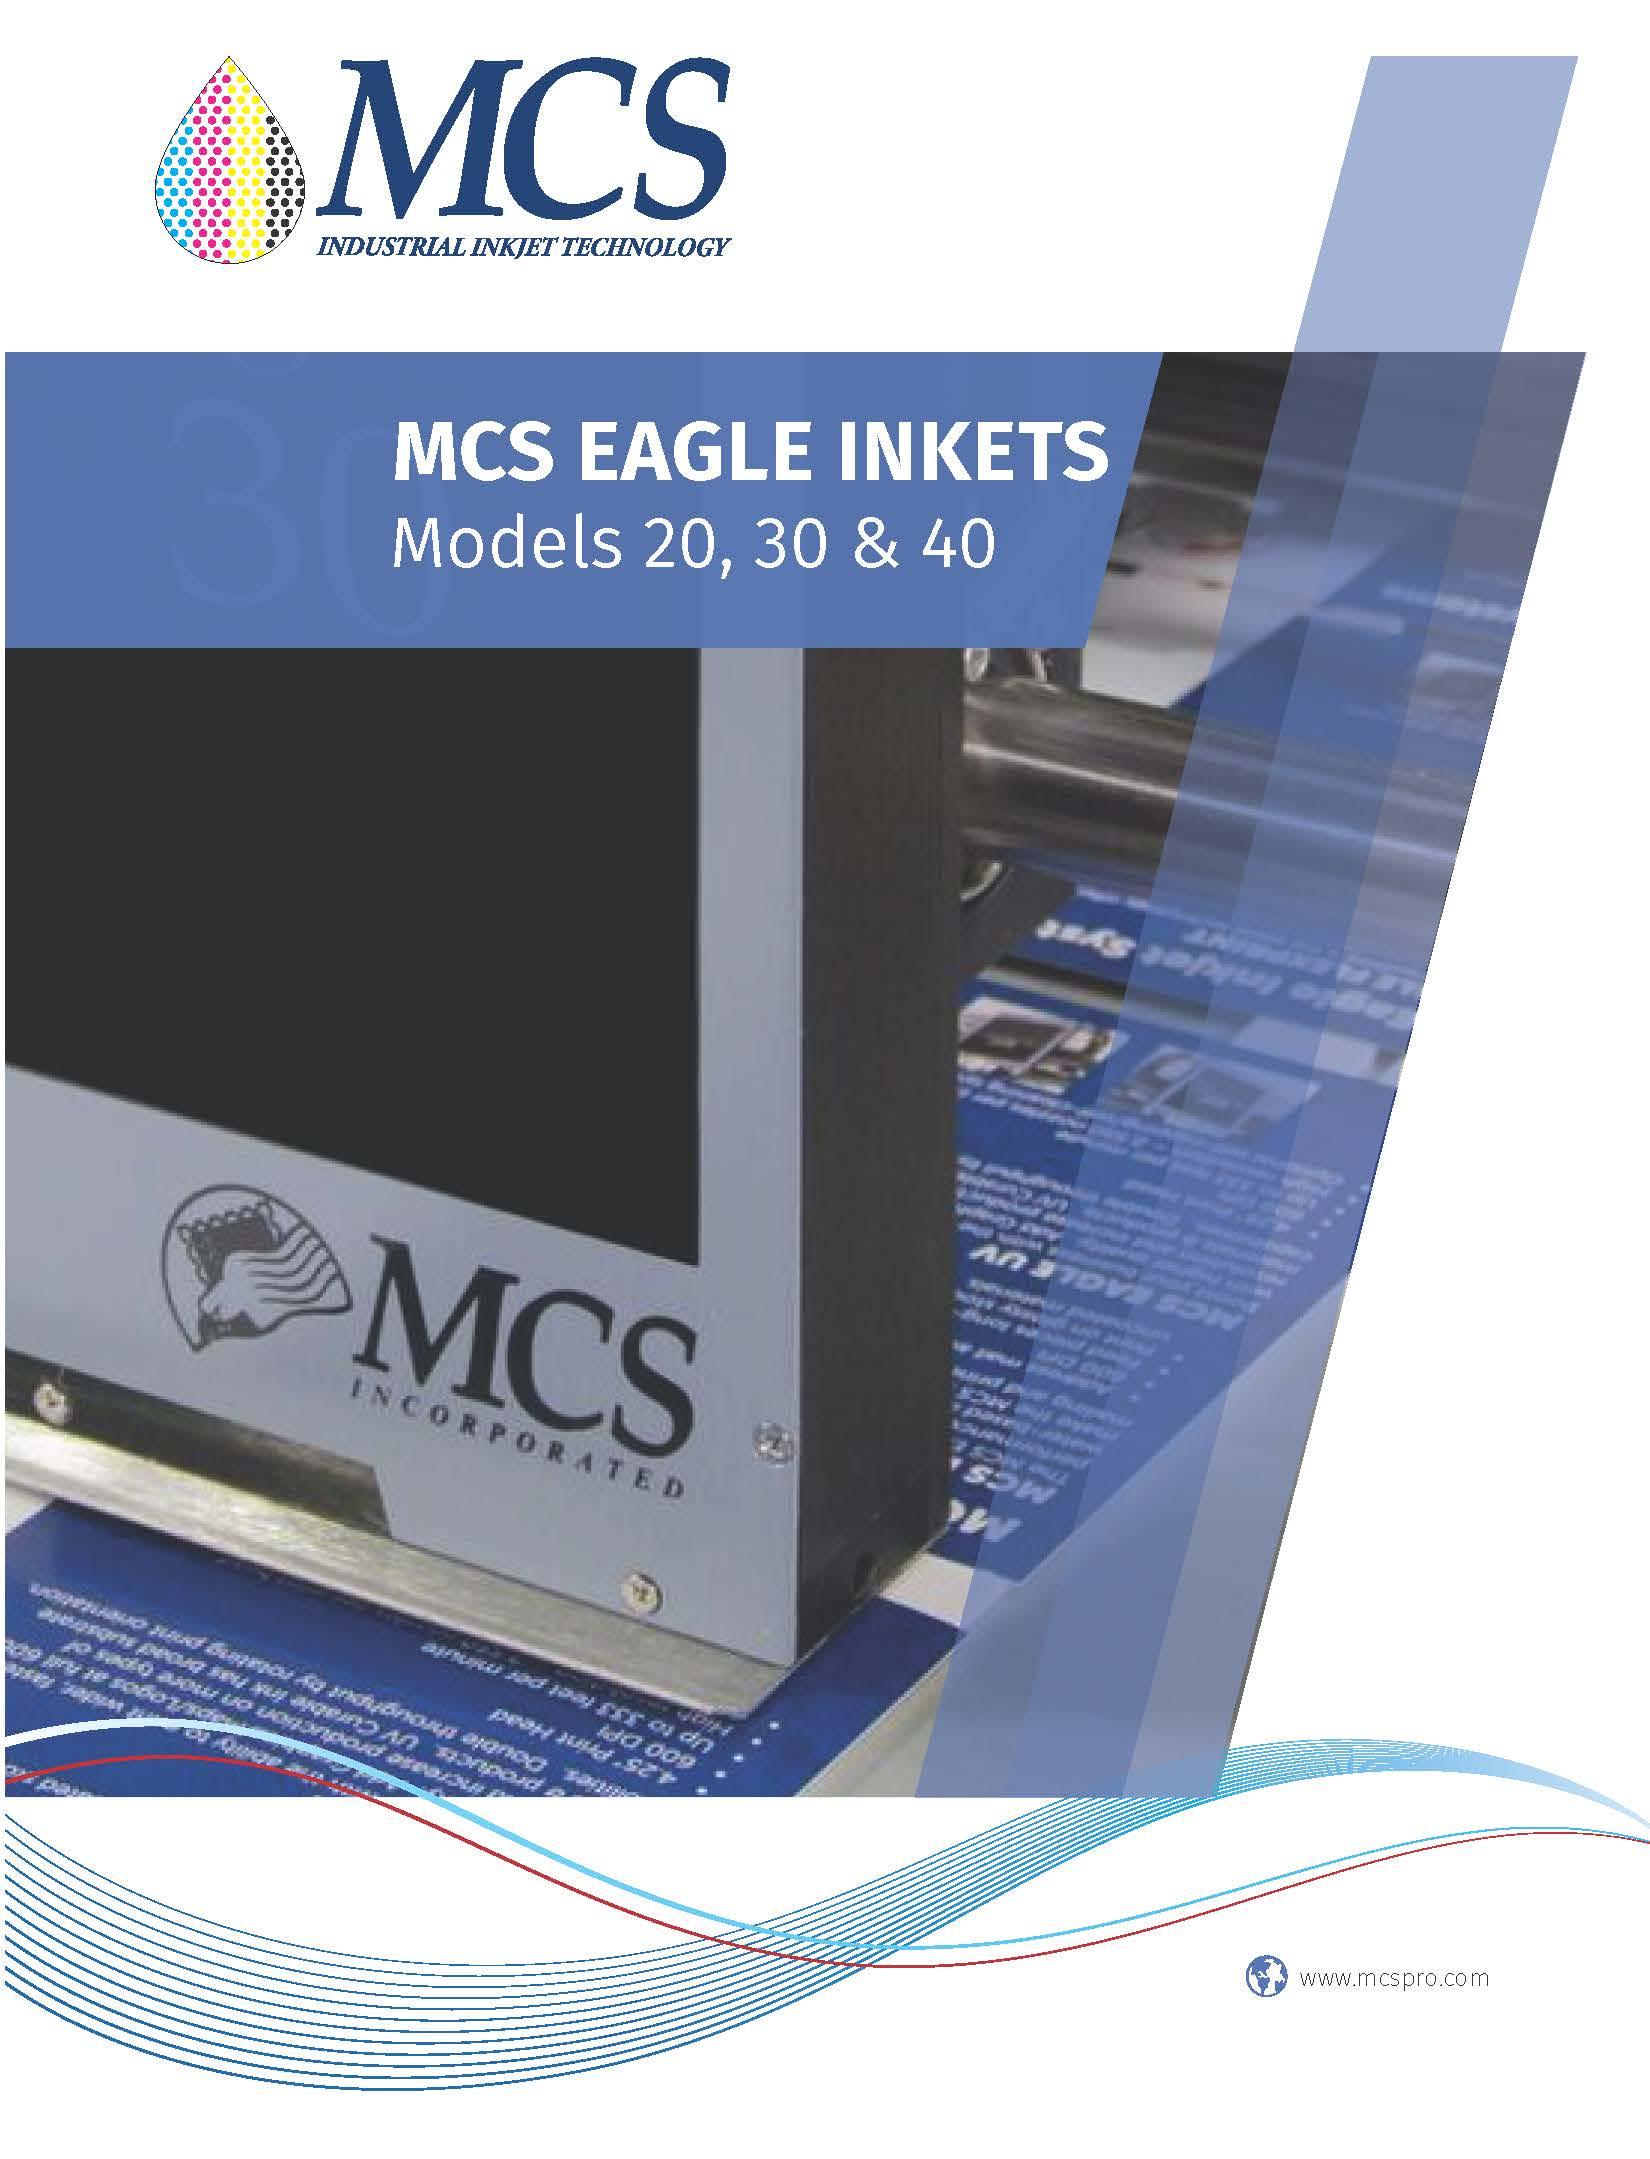 MCS EAGLE 20 INKJET SYSTEM